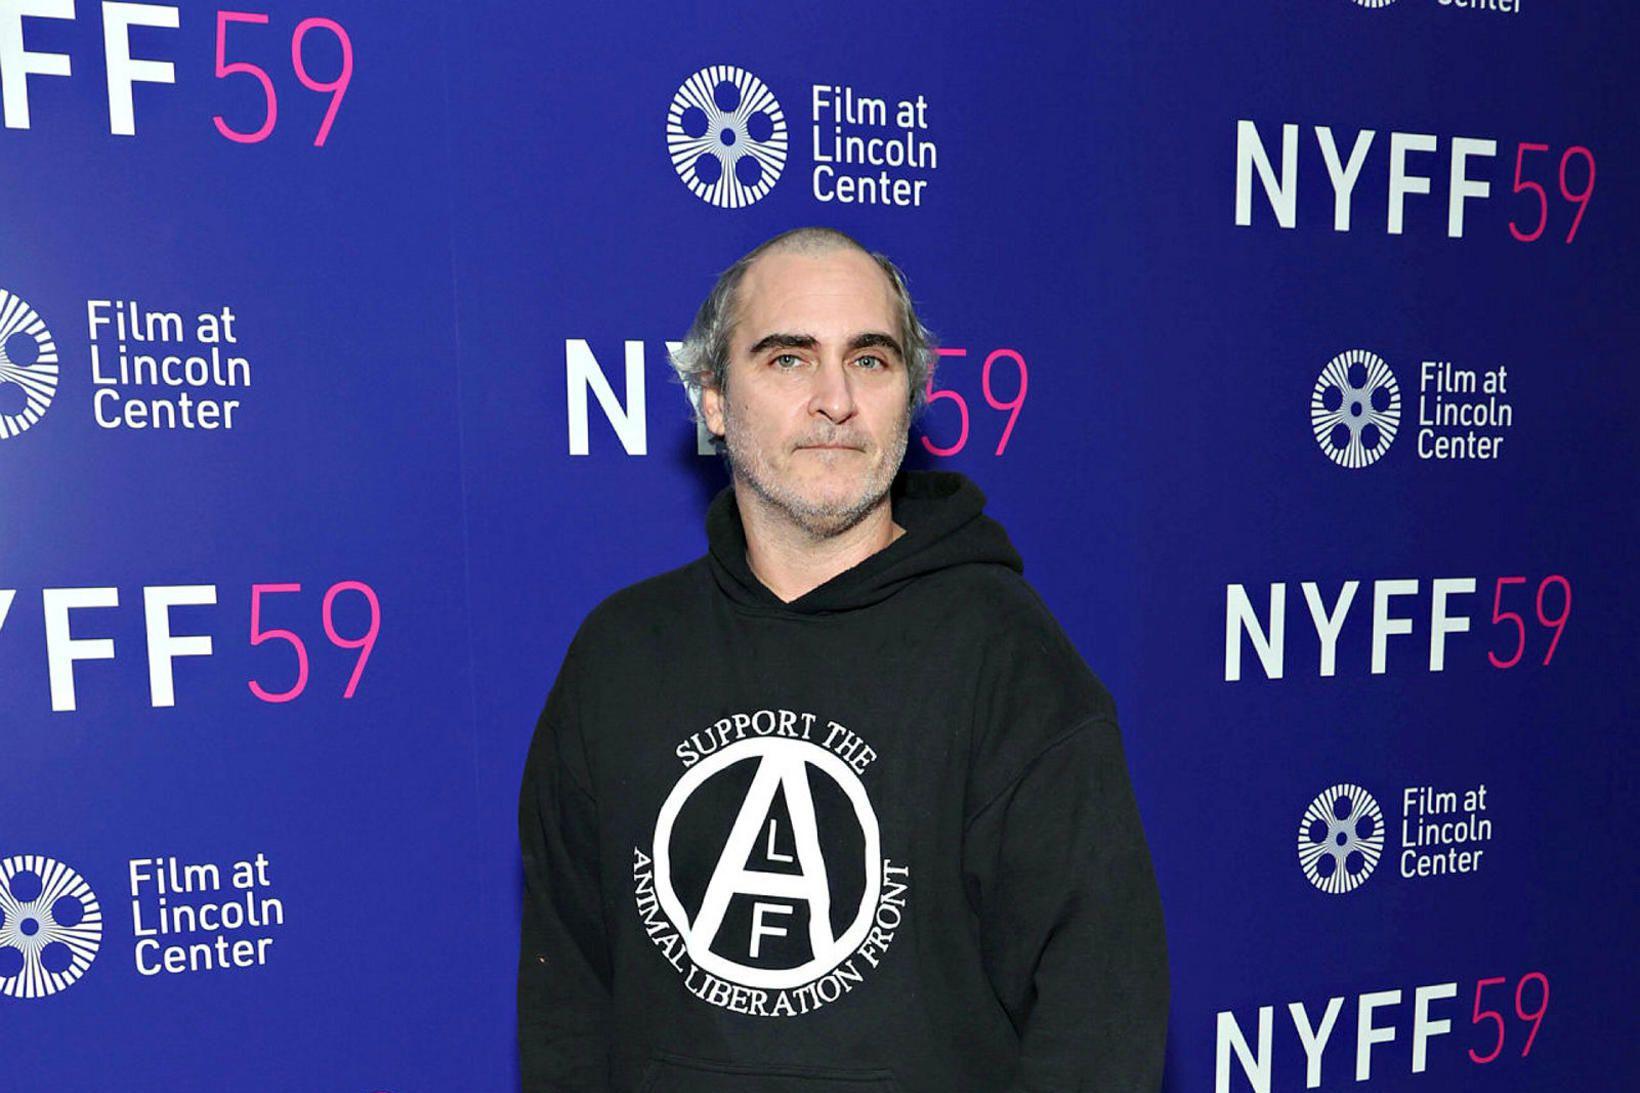 Joaquin Phoenix sýndi nýja klippingu á Kvikmyndahátíðinni í New York …